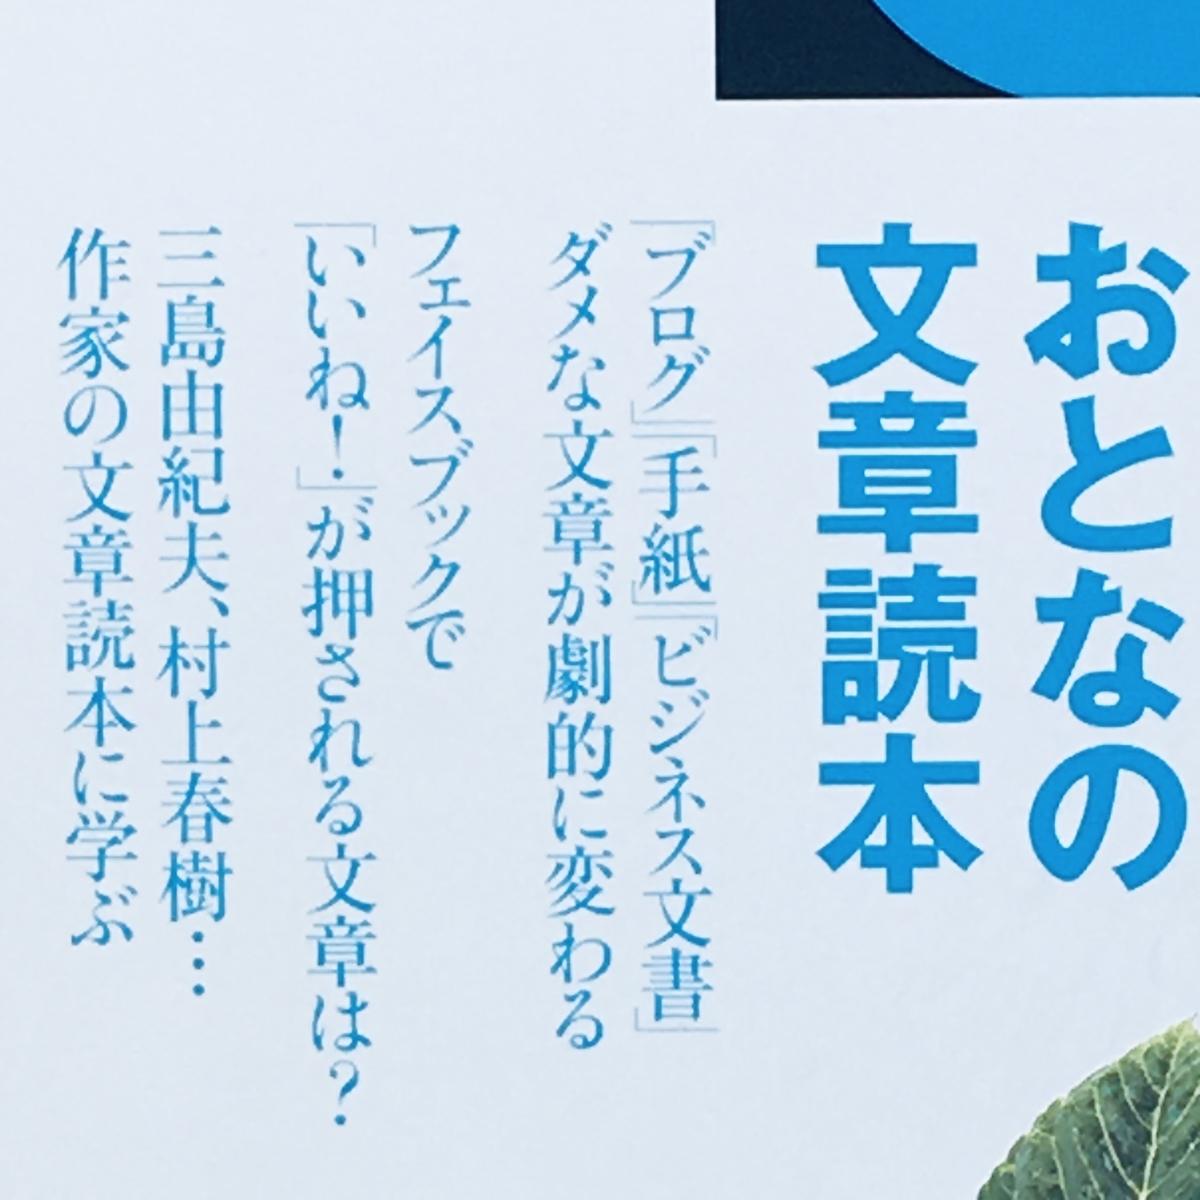 「日経おとなのOFF」2013年7月号「美しい日本語を綴る」特集内の「おとなの文章読本」コーナー